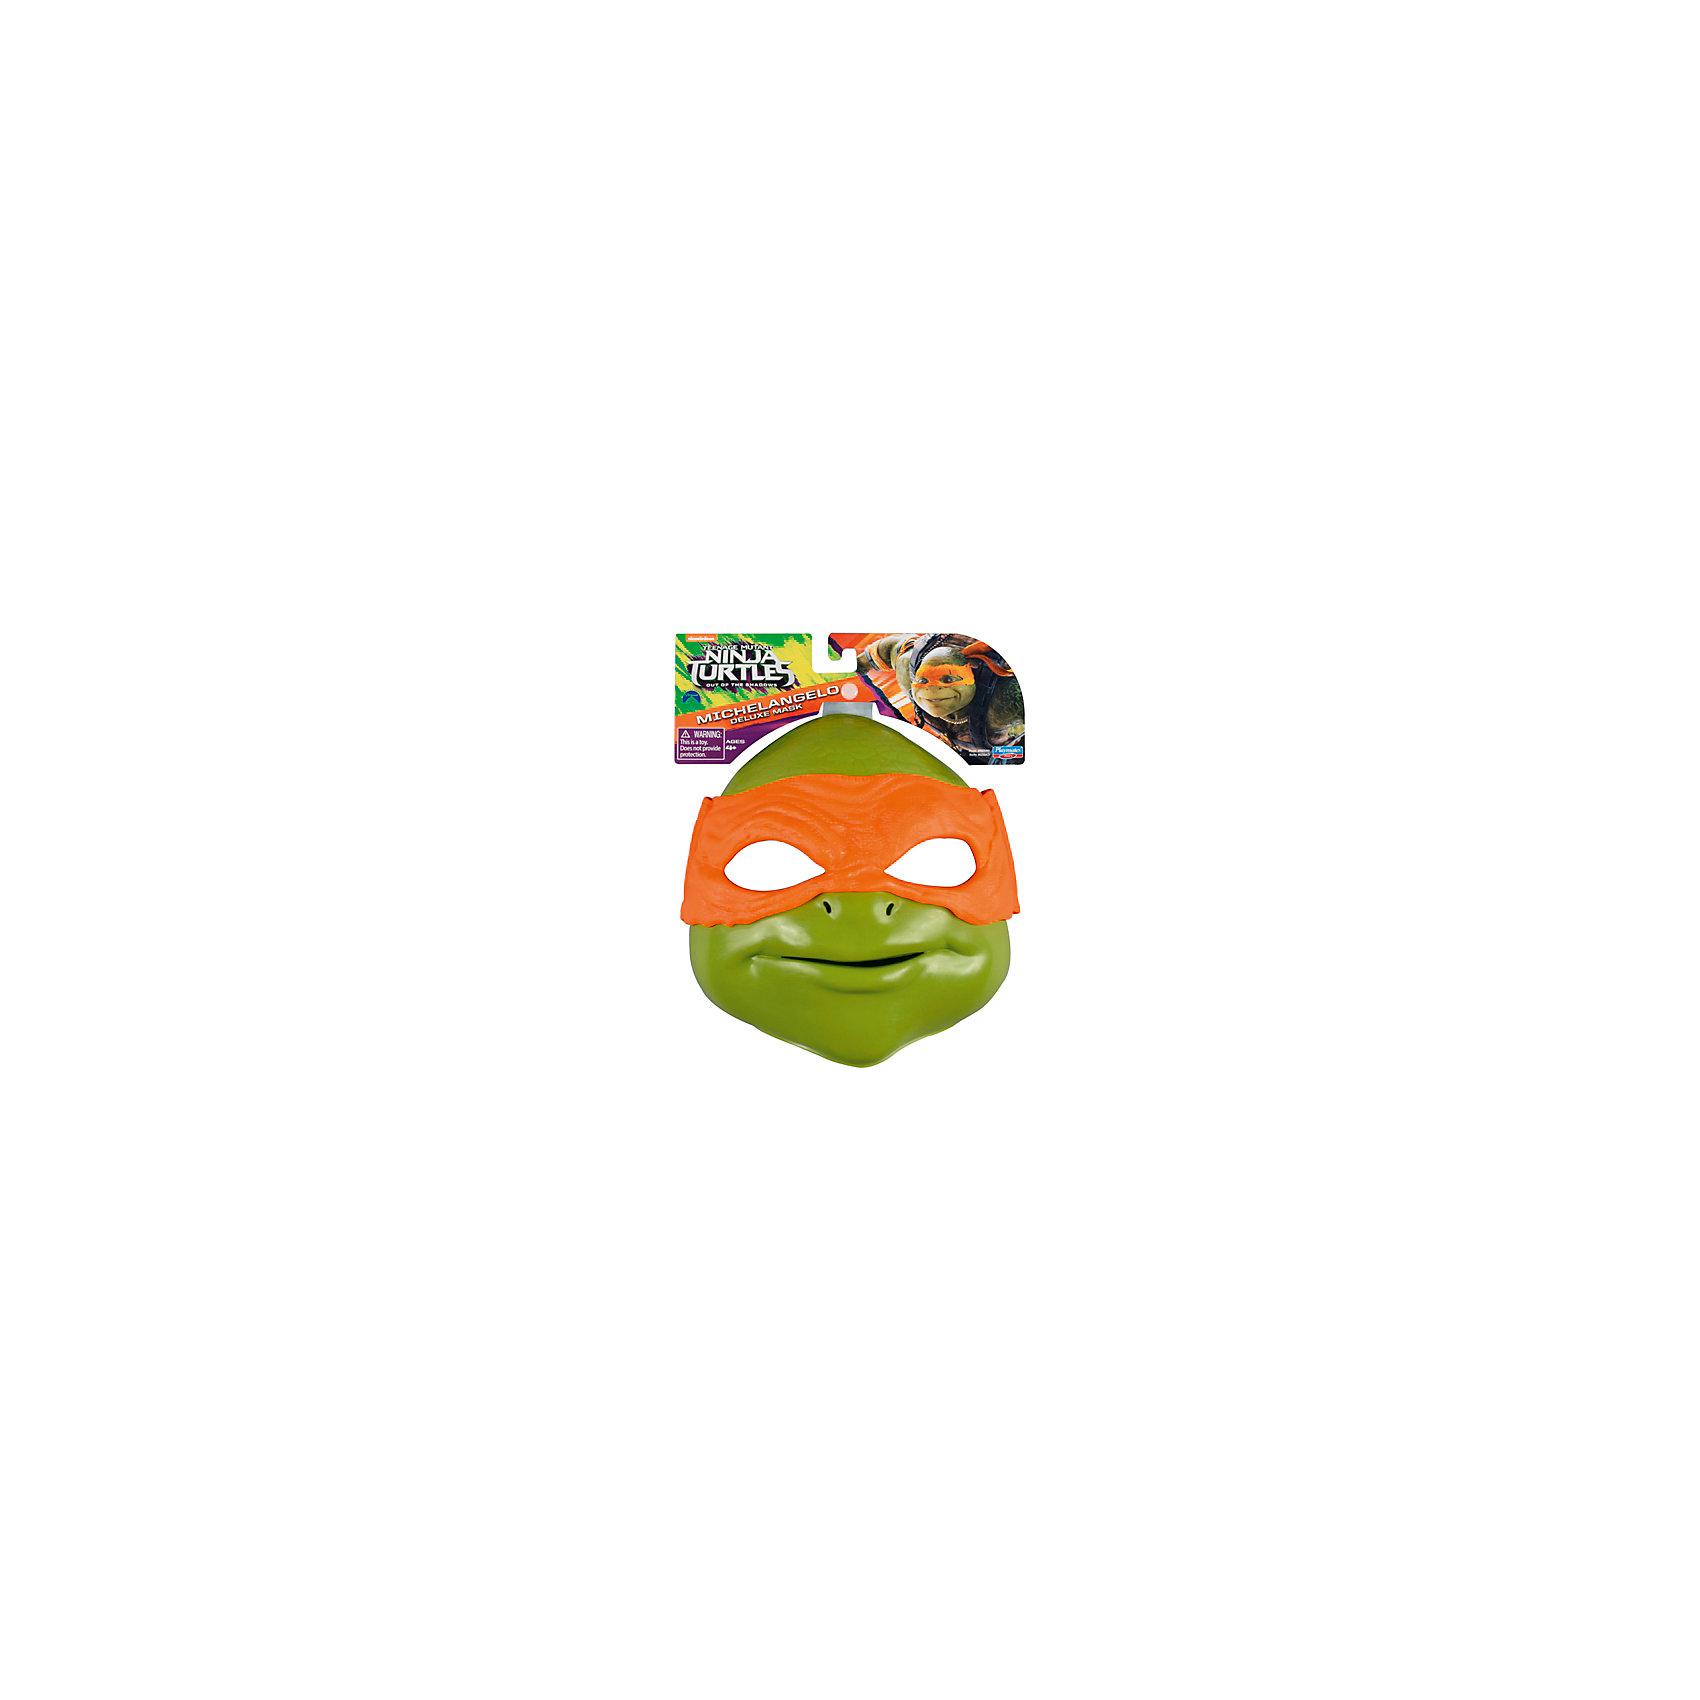 Маска Микеланджело, Черепашки НиндзяЧерепашки Ниндзя<br>Маска Микеланджело, Черепашки Ниндзя, станет оригинальным подарком для всех юных поклонников популярного мультсериала Черепашки Ниндзя. Она прекрасно подойдет в качестве элемента карнавального костюма или как аксессуар для сюжетно-ролевых игр. Маска быстро перевоплотит Вашего ребенка в любимого героя - черепашку Микеланджело, который, несмотря на свой веселый нрав и легкомысленность, всегда готов прийти на помощь и спасти город от злодеев. Игрушка из прочного качественного пластика выполнена очень реалистично, все детали тщательно проработаны. В соответствии с особыми приметами героя мультика, глаза черепашки скрыты за повязкой оранжевого цвета. Маска имеет прорези для глаз и комфортно фиксируется с помощью эластичных ленточек с липучками, которые можно отрегулировать до<br>нужного размера. Изнутри оснащена удобной резиновой накладкой по контуру глаз и носа.<br><br>Дополнительная информация:<br><br>- Материал: пластик, резина, текстиль.<br>- Длина маски: 20 см.<br>- Размер упаковки: 20,3 х 7,6 х 24,1 см.<br>- Вес: 0,263 кг.<br><br>Маску Микеланджело, Черепашки Ниндзя, Movie Line, можно купить в нашем интернет-магазине.<br><br>Ширина мм: 203<br>Глубина мм: 241<br>Высота мм: 76<br>Вес г: 263<br>Возраст от месяцев: 36<br>Возраст до месяцев: 144<br>Пол: Мужской<br>Возраст: Детский<br>SKU: 4657933